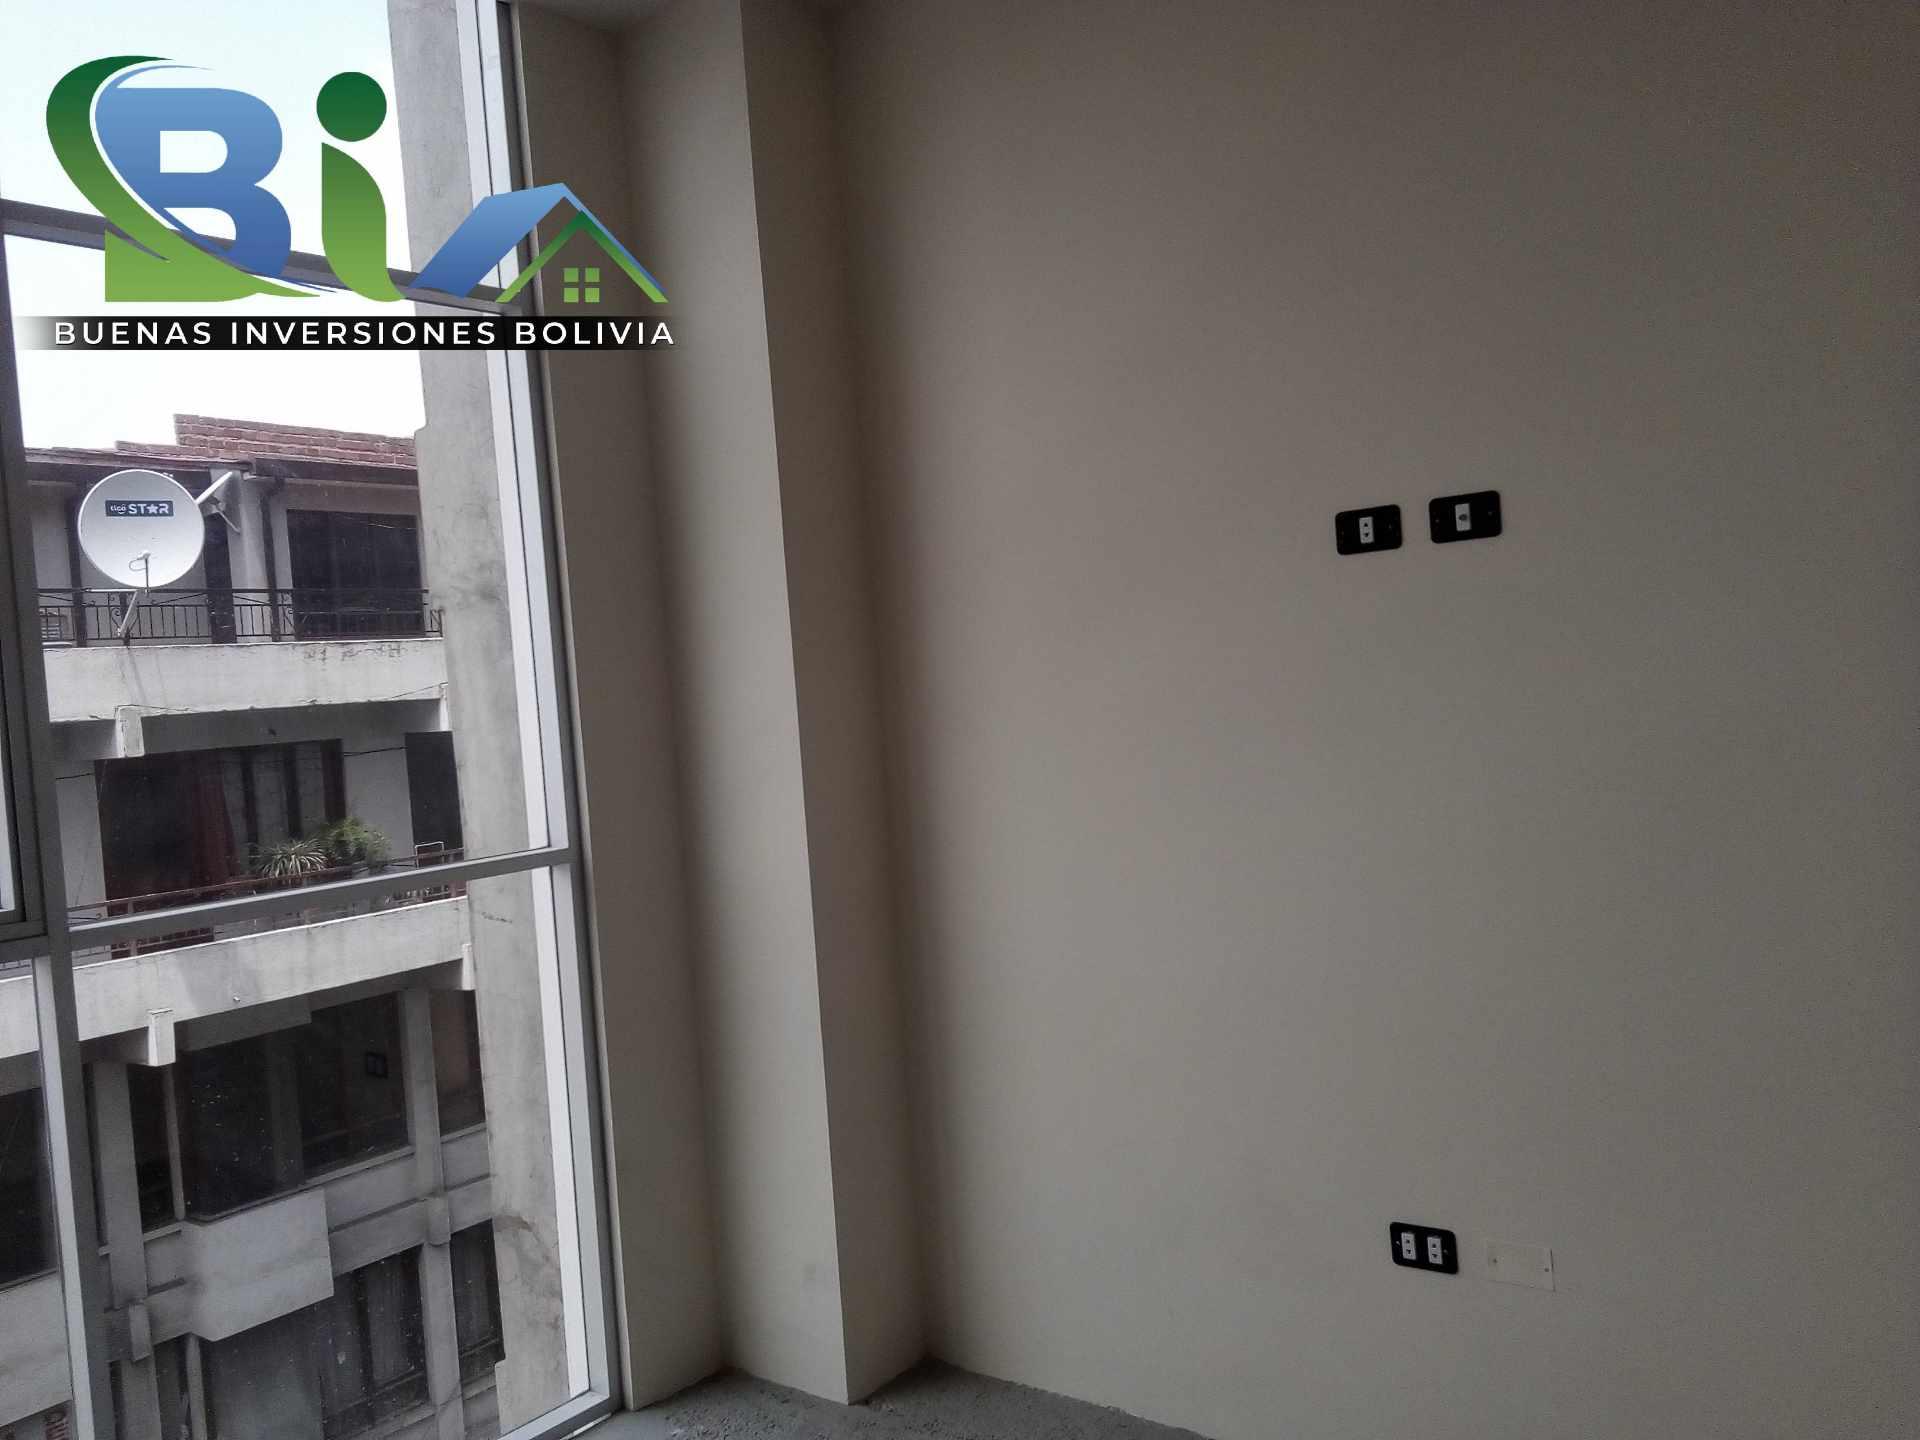 Departamento en Anticretico $us.30.000 ANTICRETICO DEPARTAMENTO NUEVO 3DORM. PROX.AV. AYACUCHO Foto 2